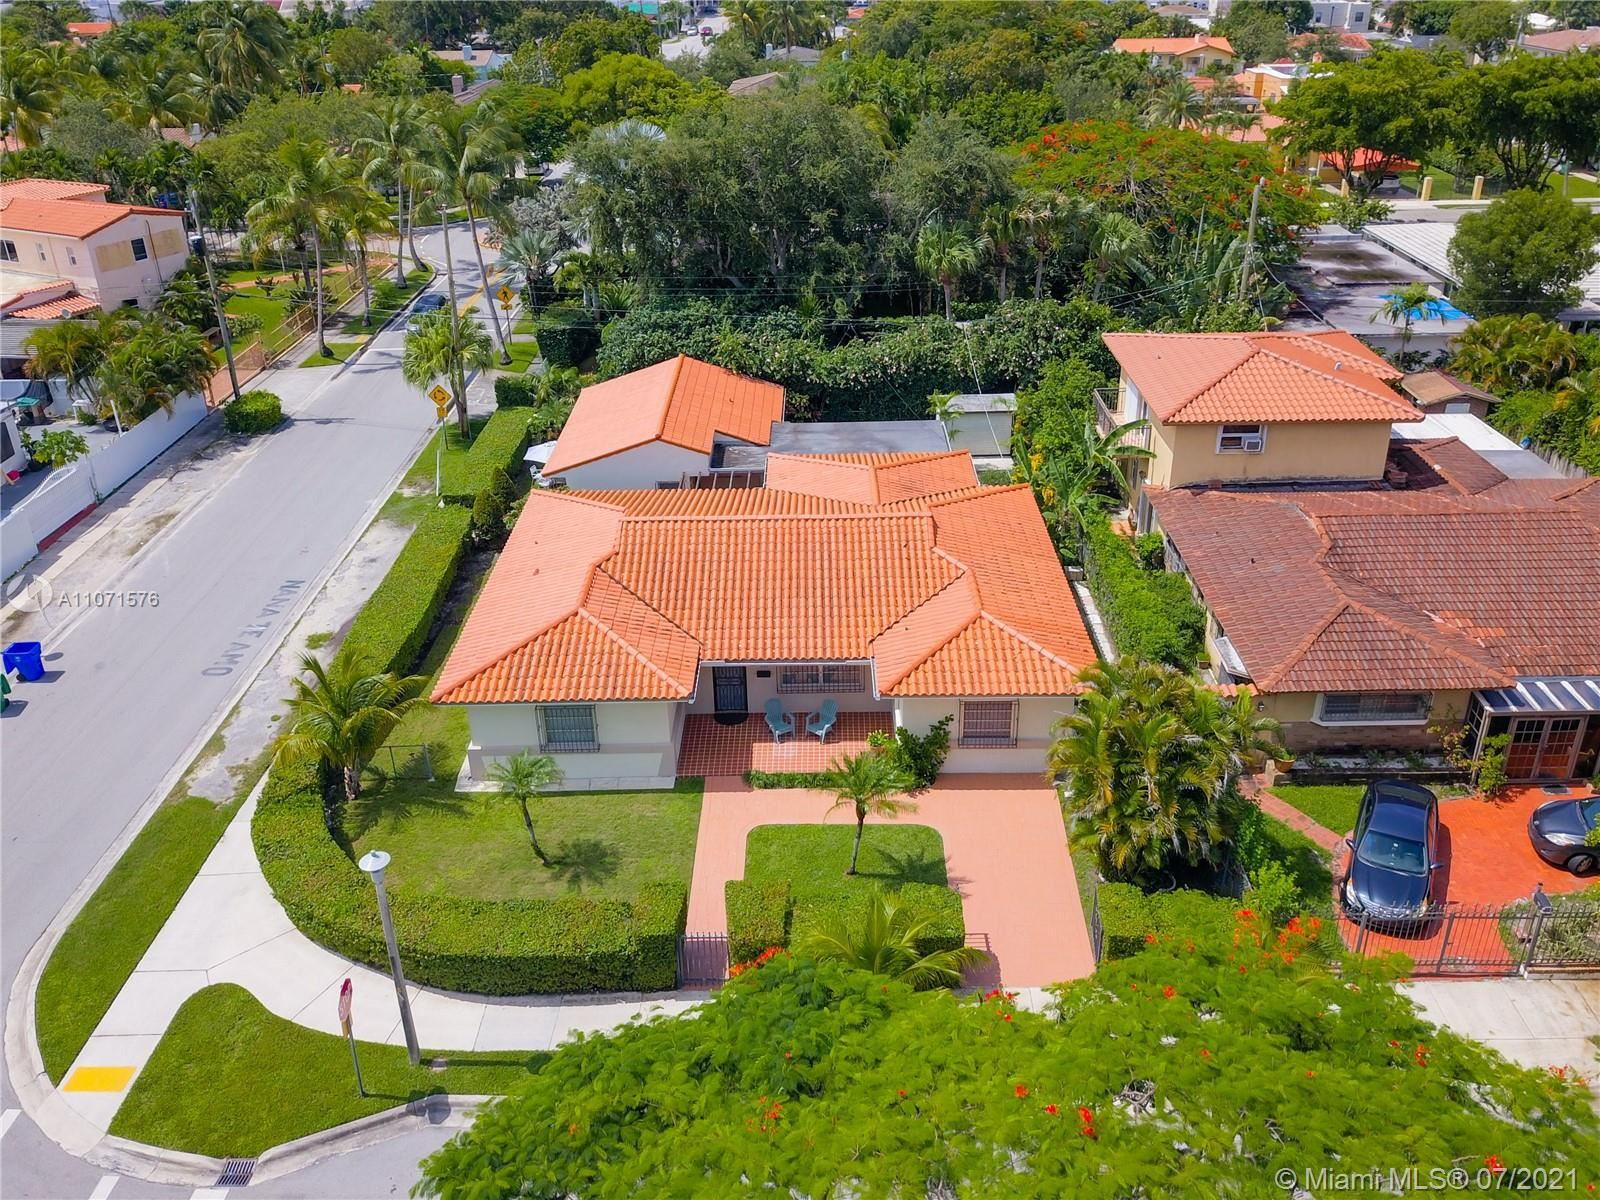 2300 SW 19th Ter, Miami, FL 33145 - #: A11071576